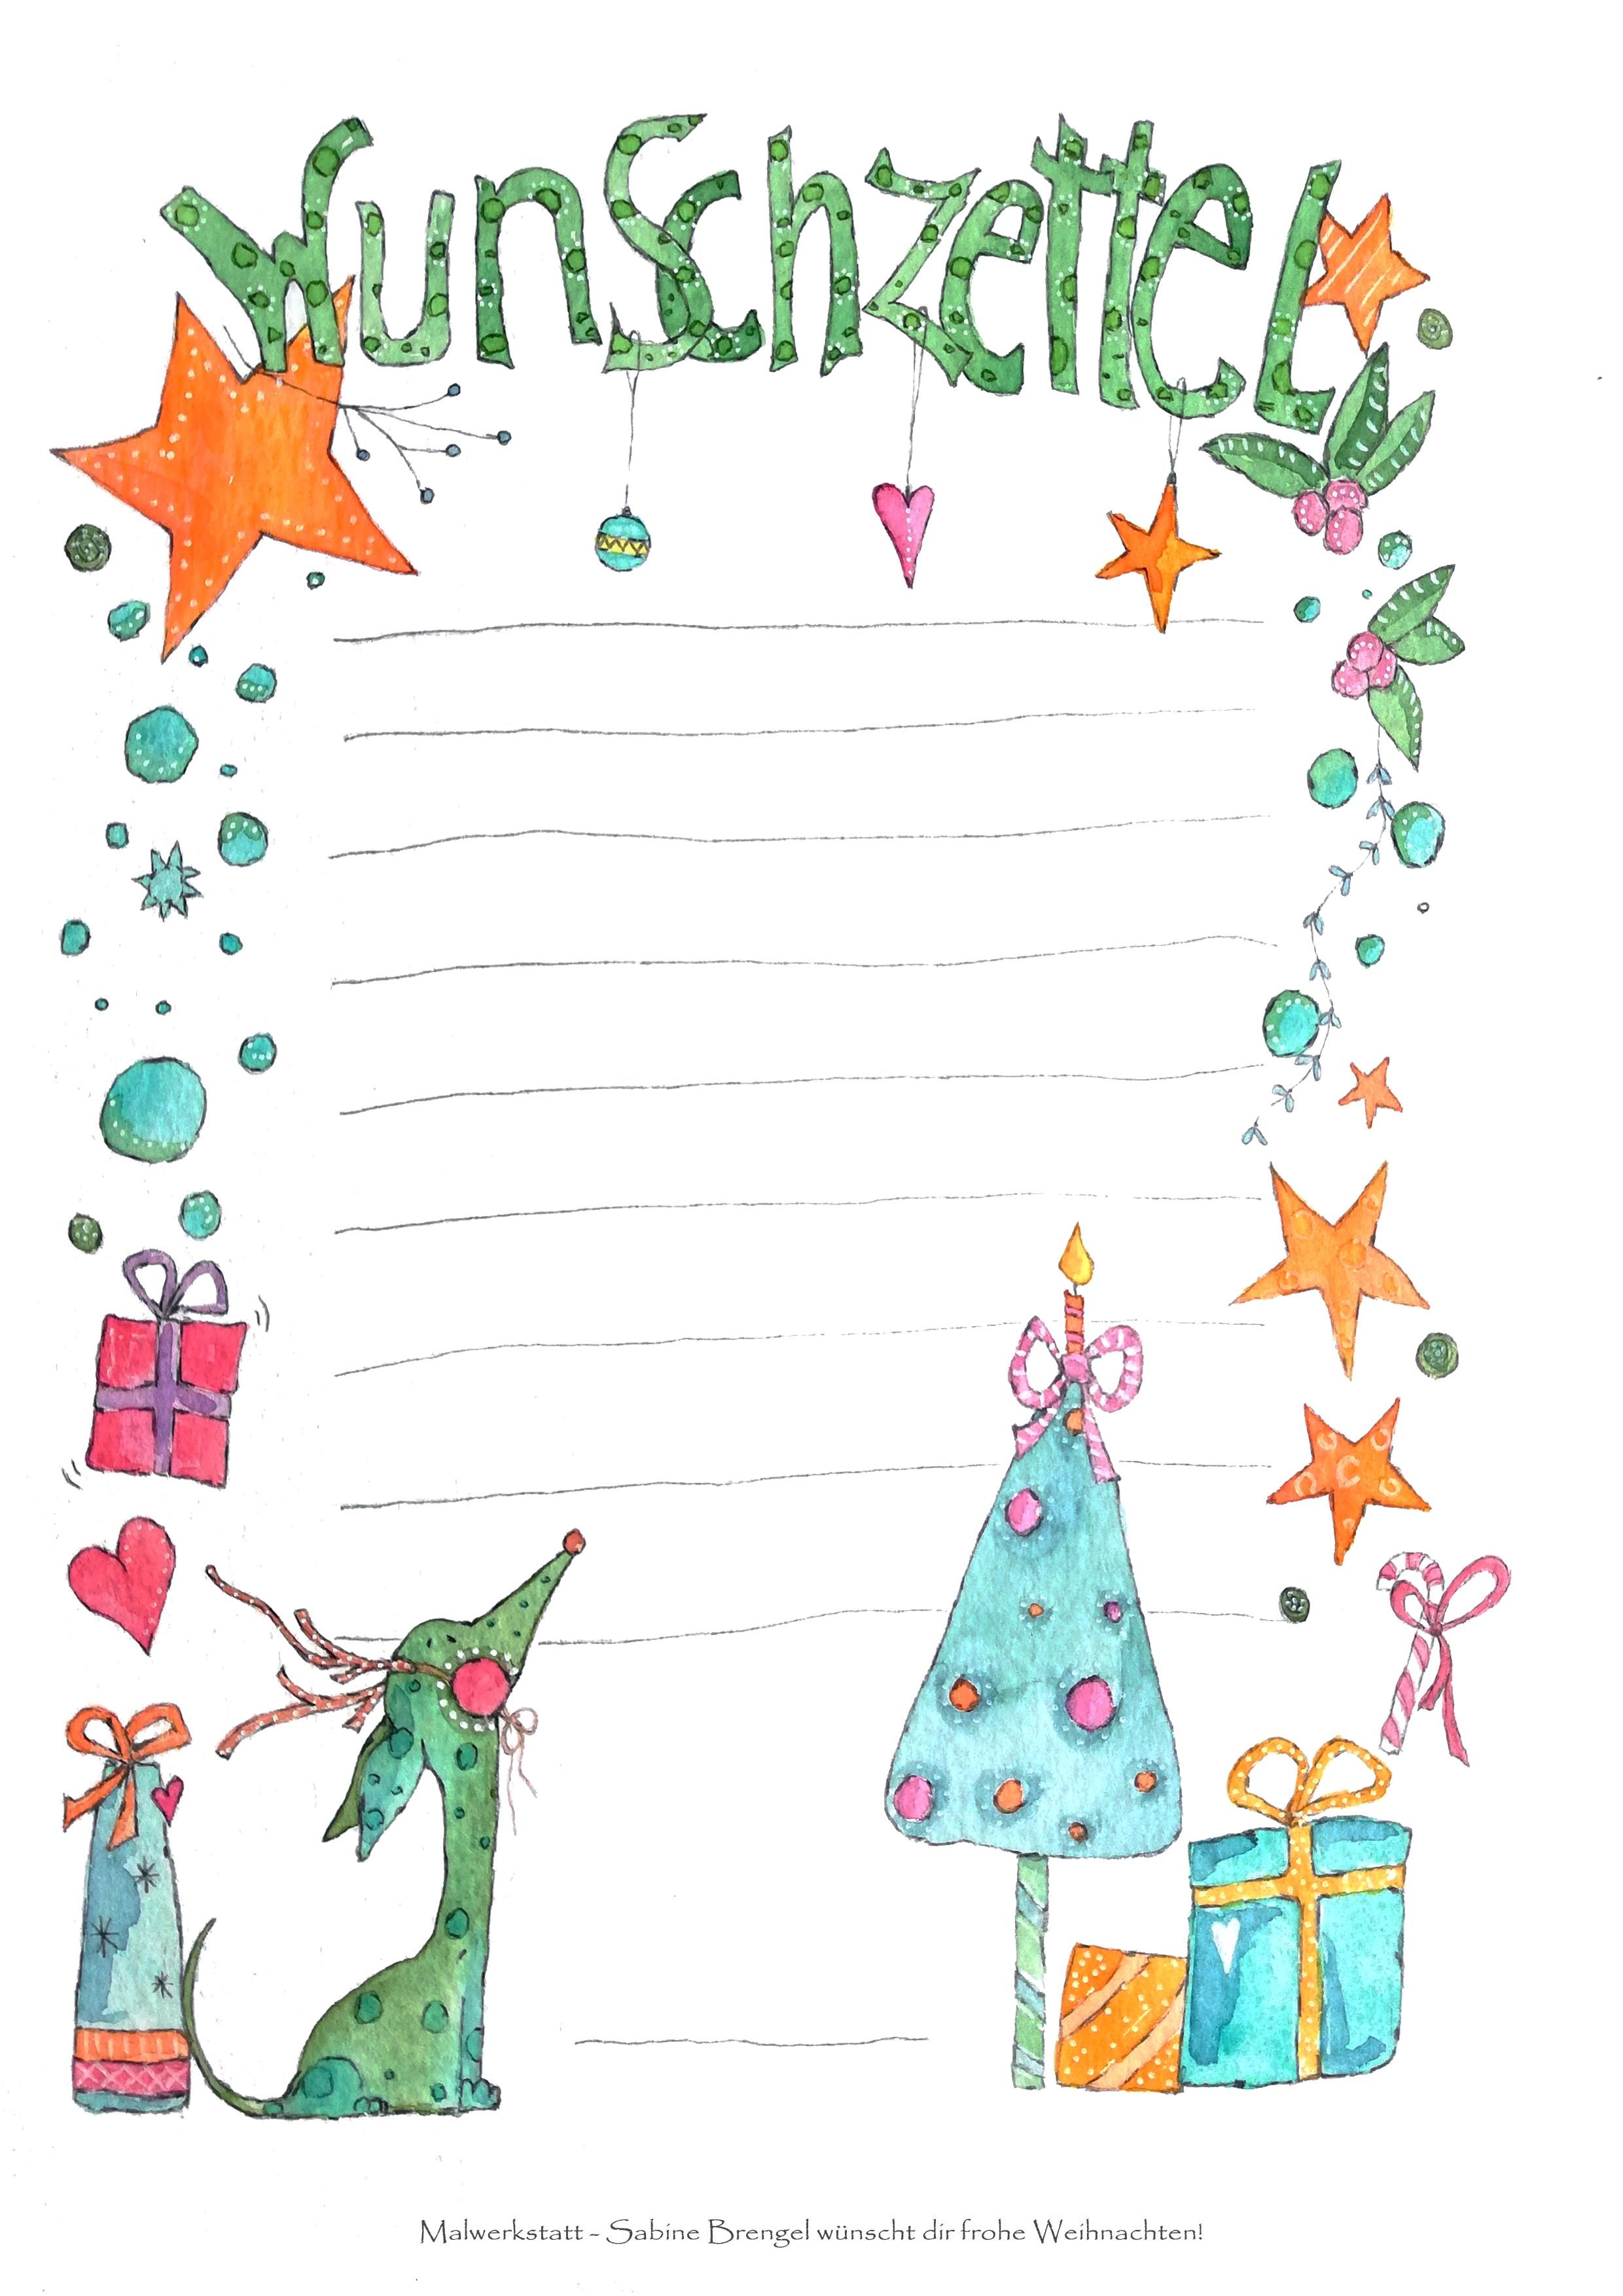 Wunschzettel Fur Kinder Wunschzettel Basteln Weihnachten Kindergarten Weihnachten